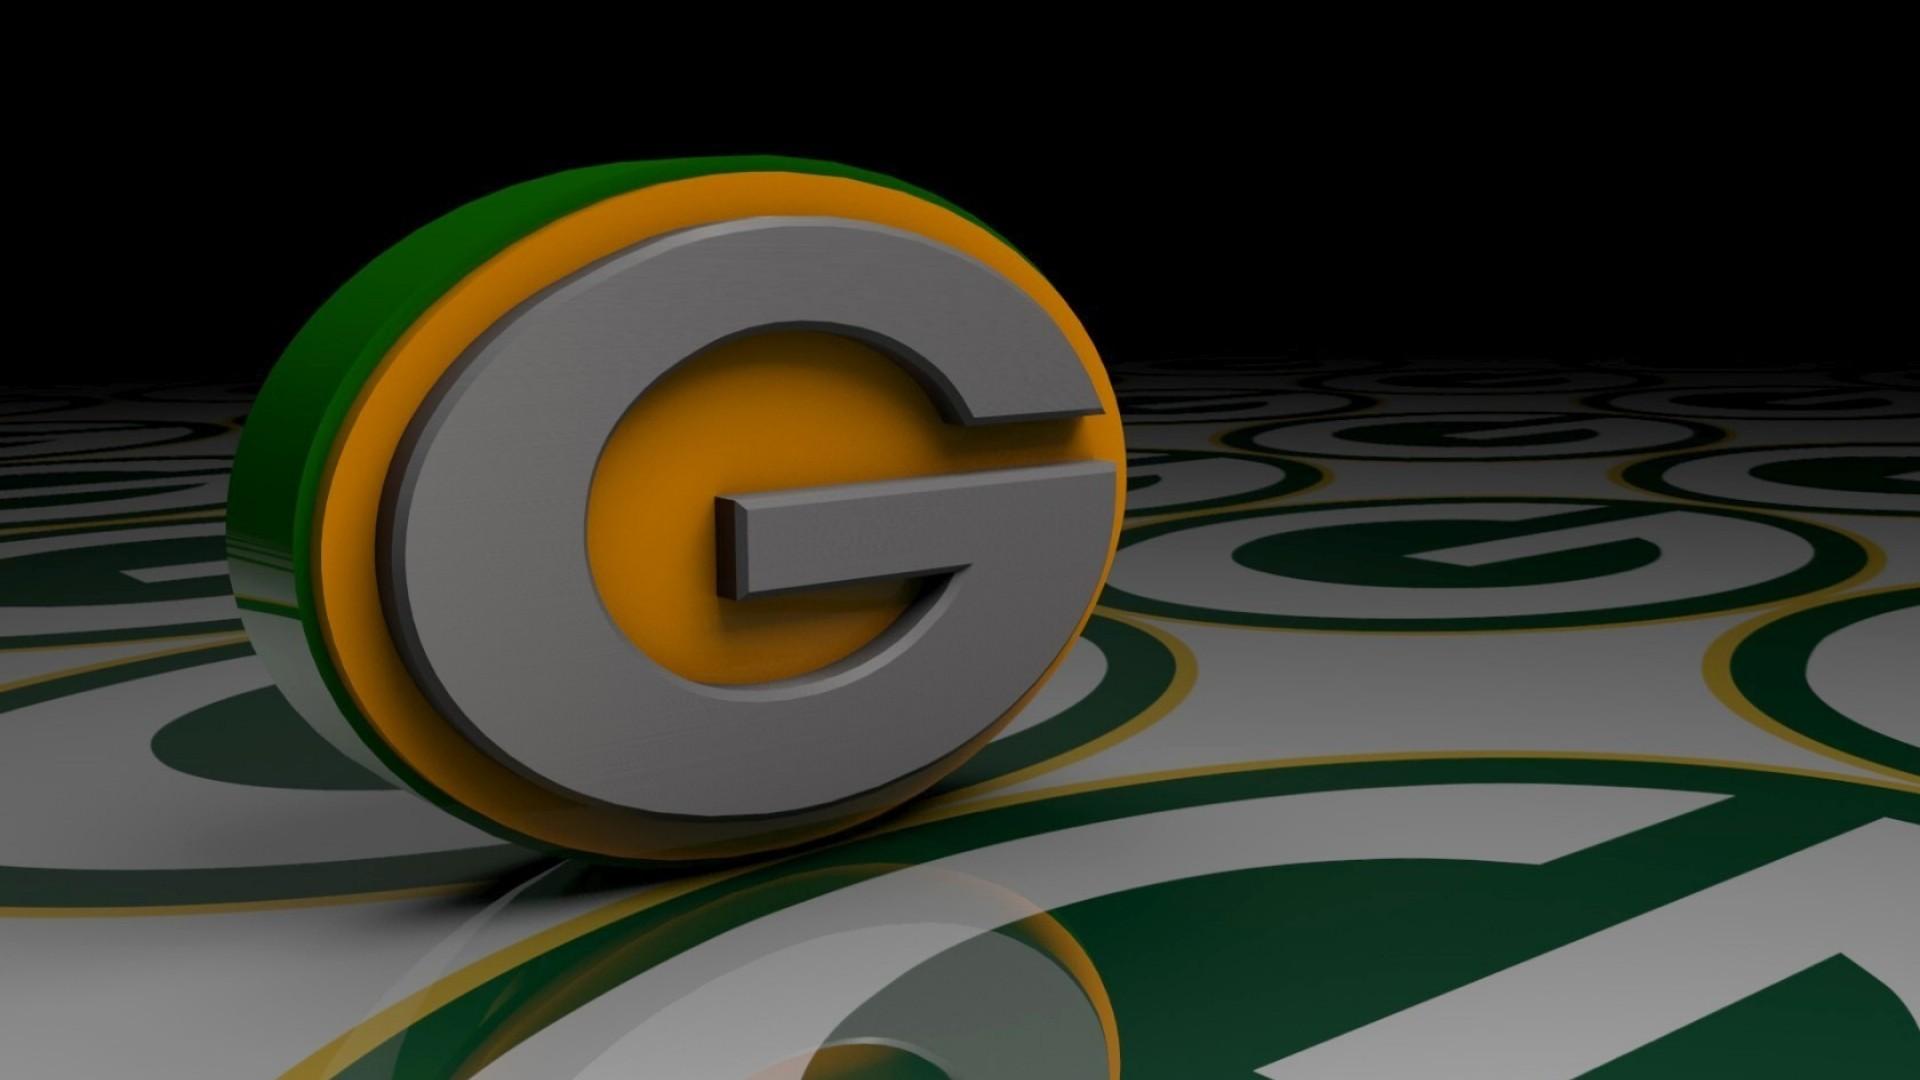 Green Bay Packers 3D Wallpaper